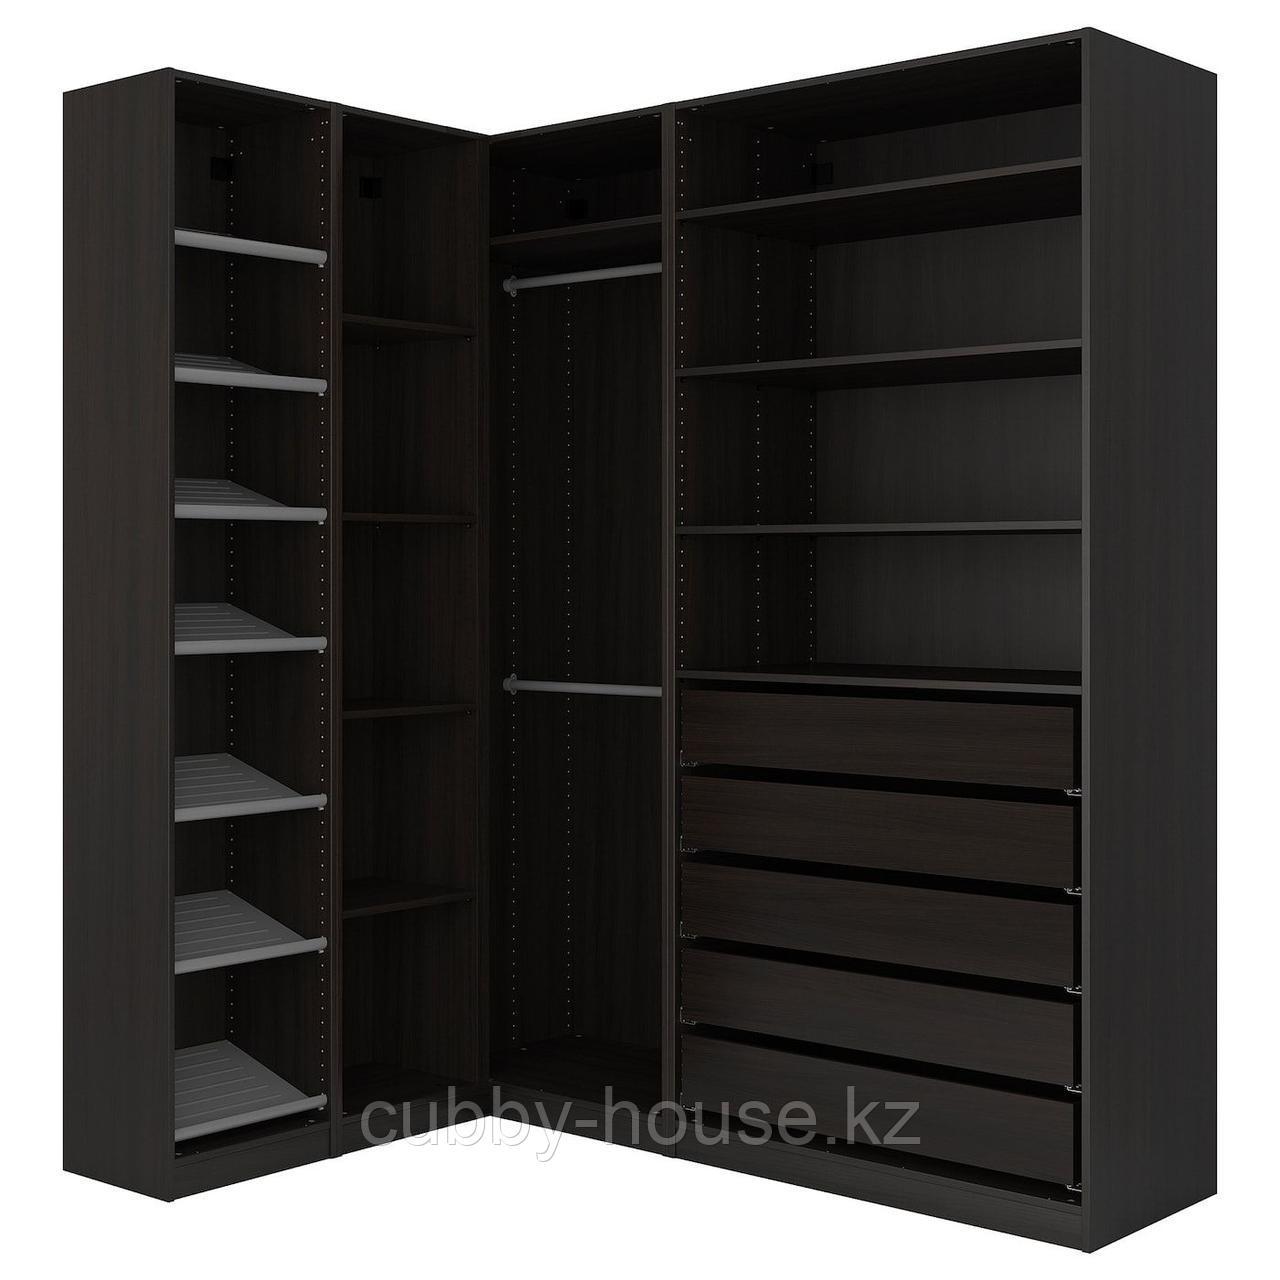 ПАКС Гардероб угловой, черно-коричневый, 160/188x236 см